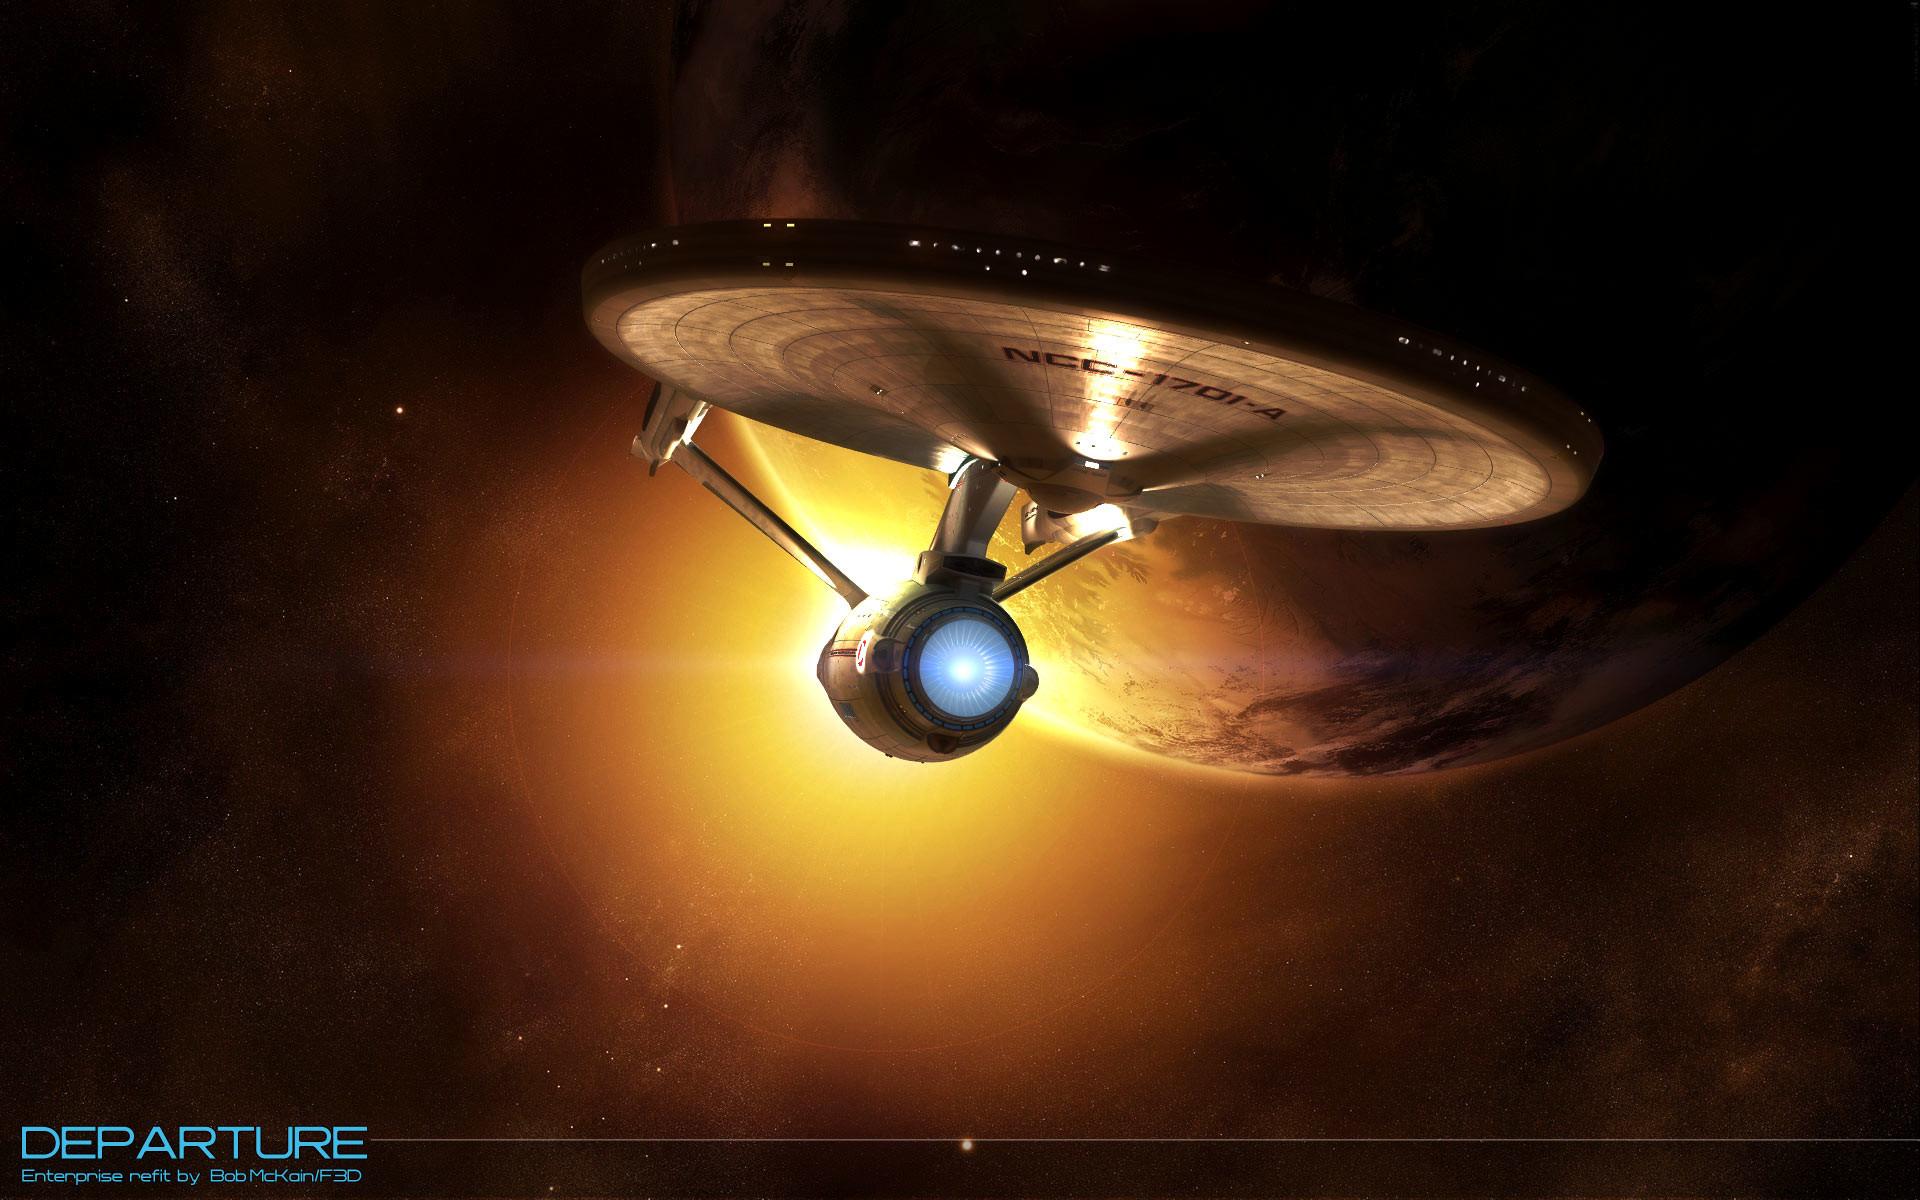 Star Trek Ships Firing | Enterprise firing 8a 1440×900 wallpaper | Star Trek  | Pinterest | Star trek ships, Star trek and Trek